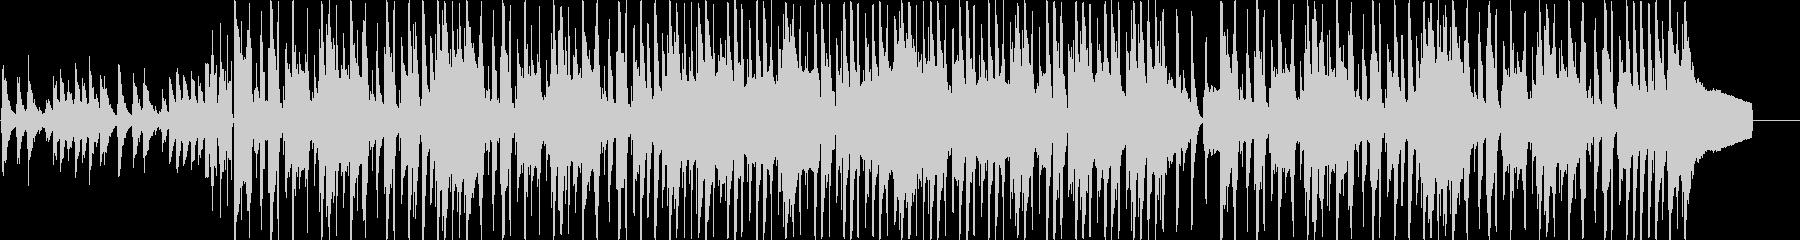 オシャレ/ピコピコ/日常系/リコーダーの未再生の波形